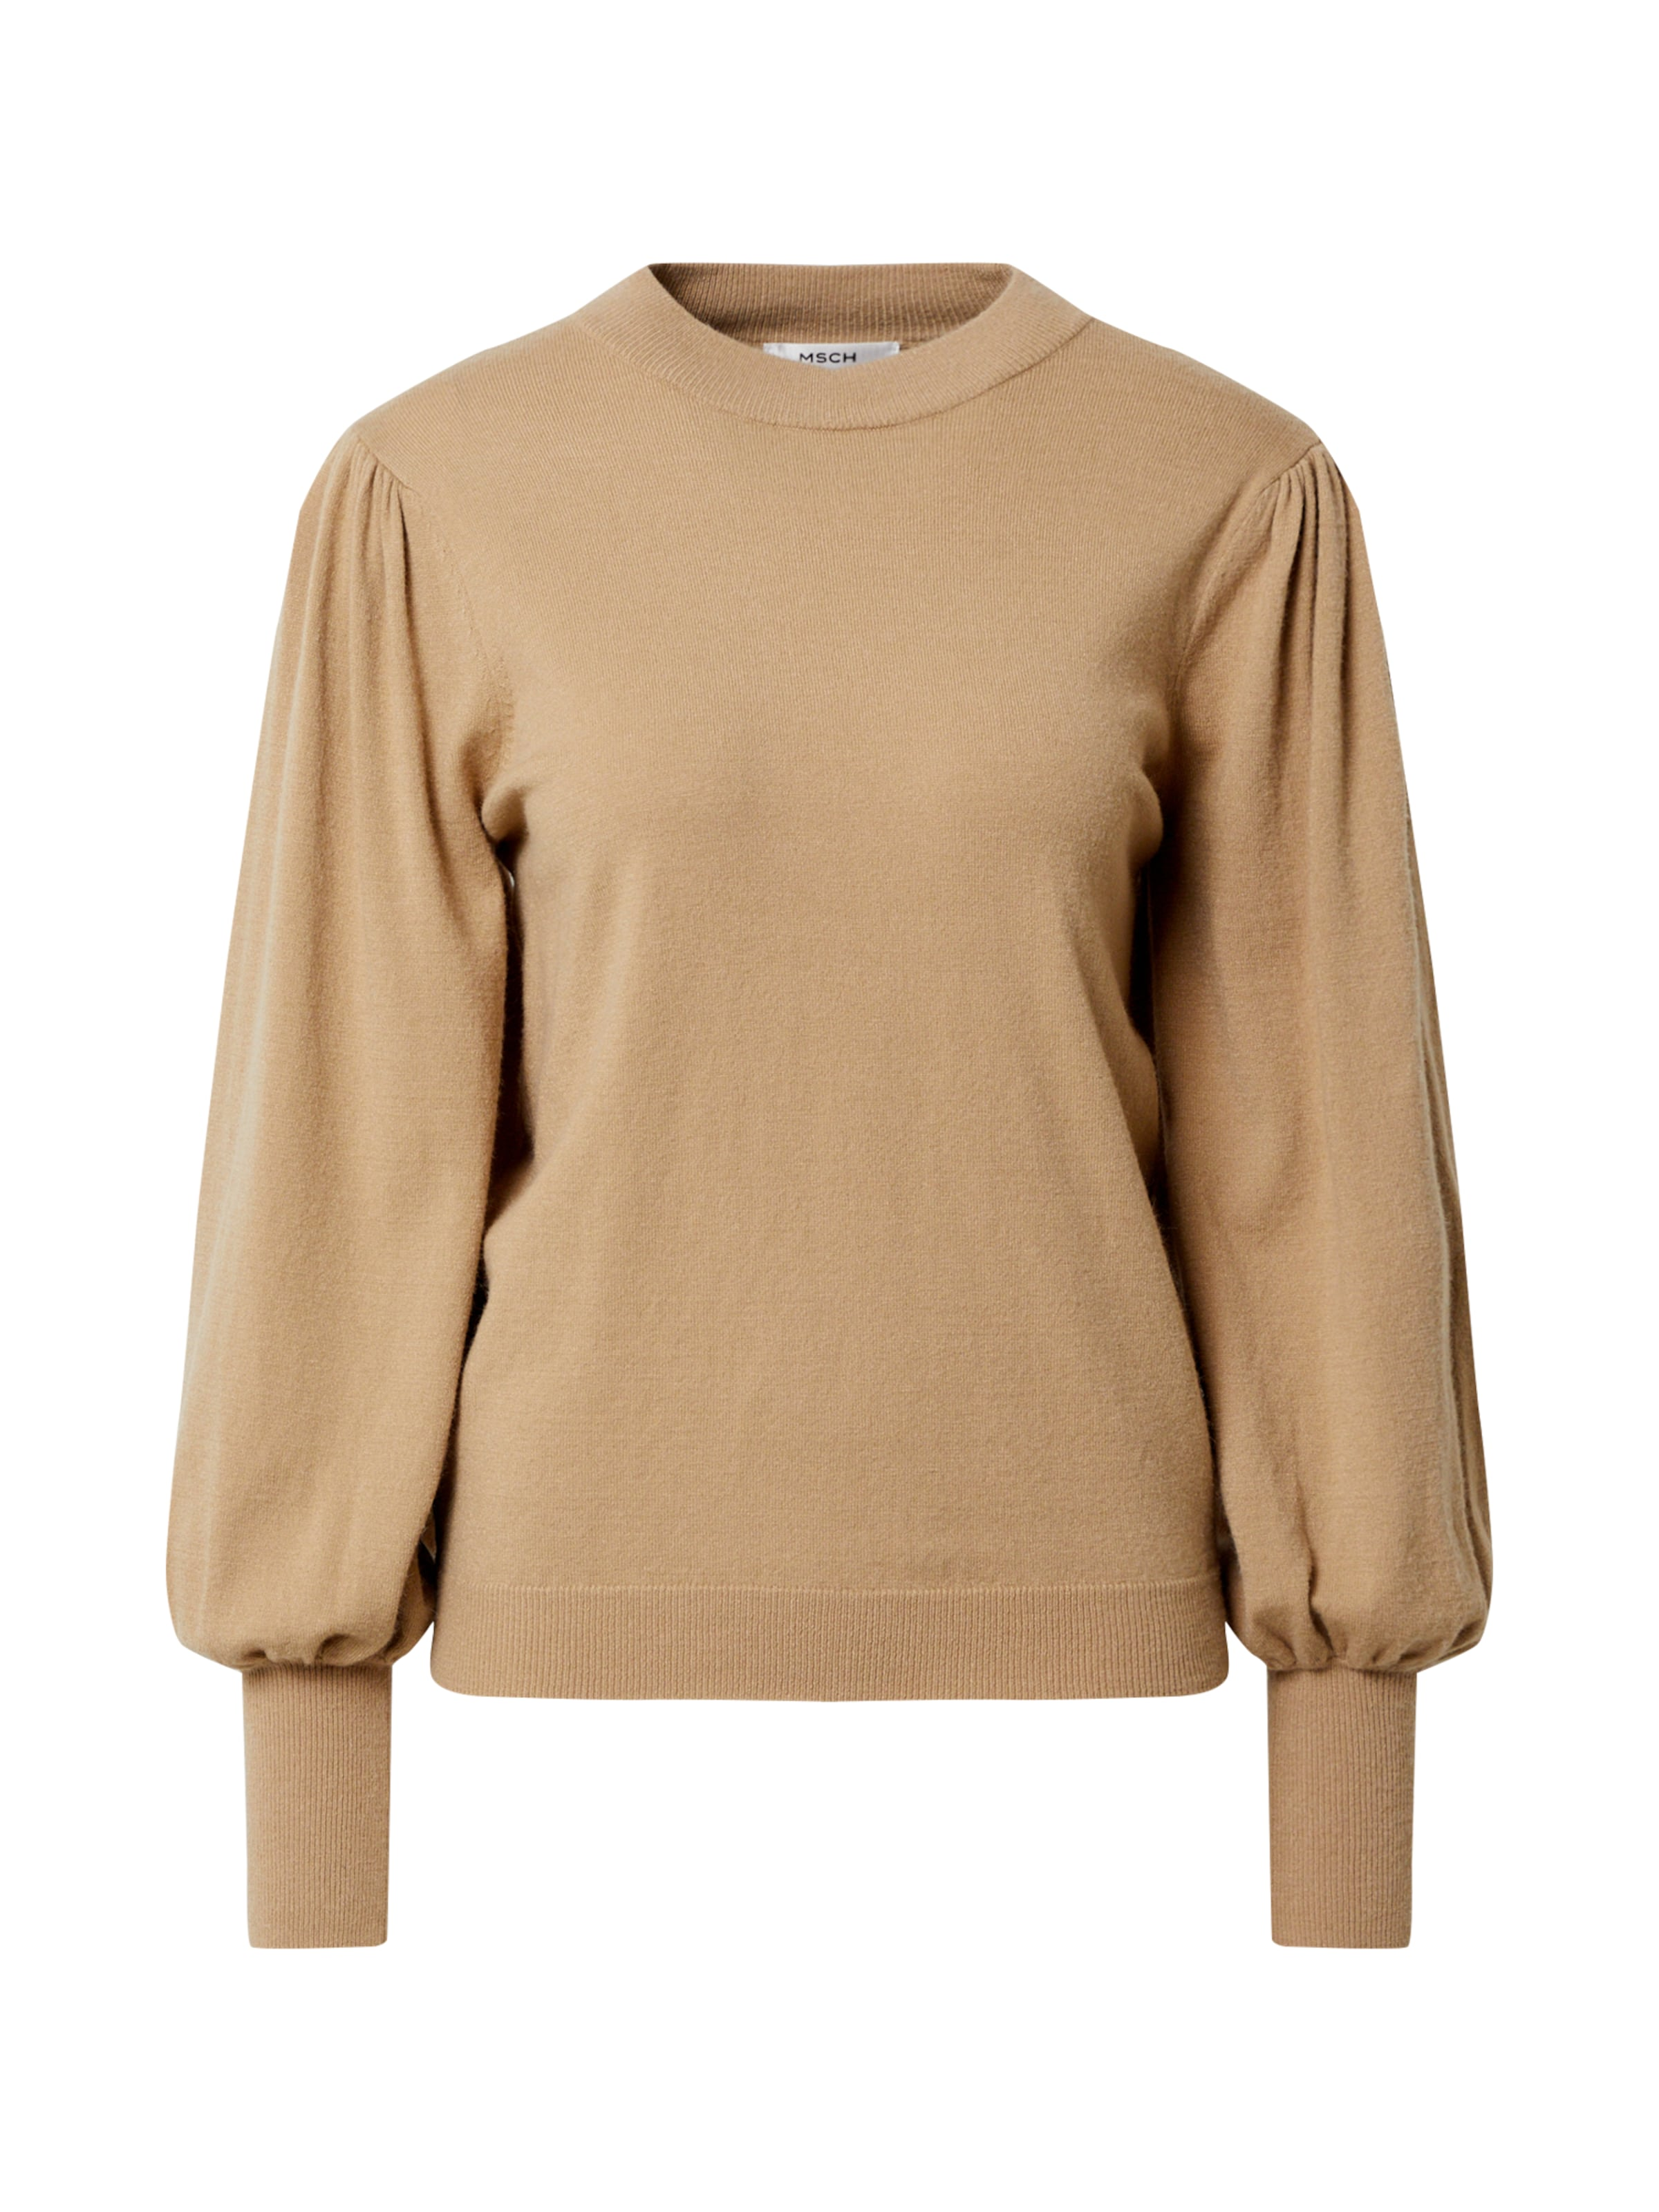 Dione de Graaff draagt deze trui met pofmouwen | Style Like